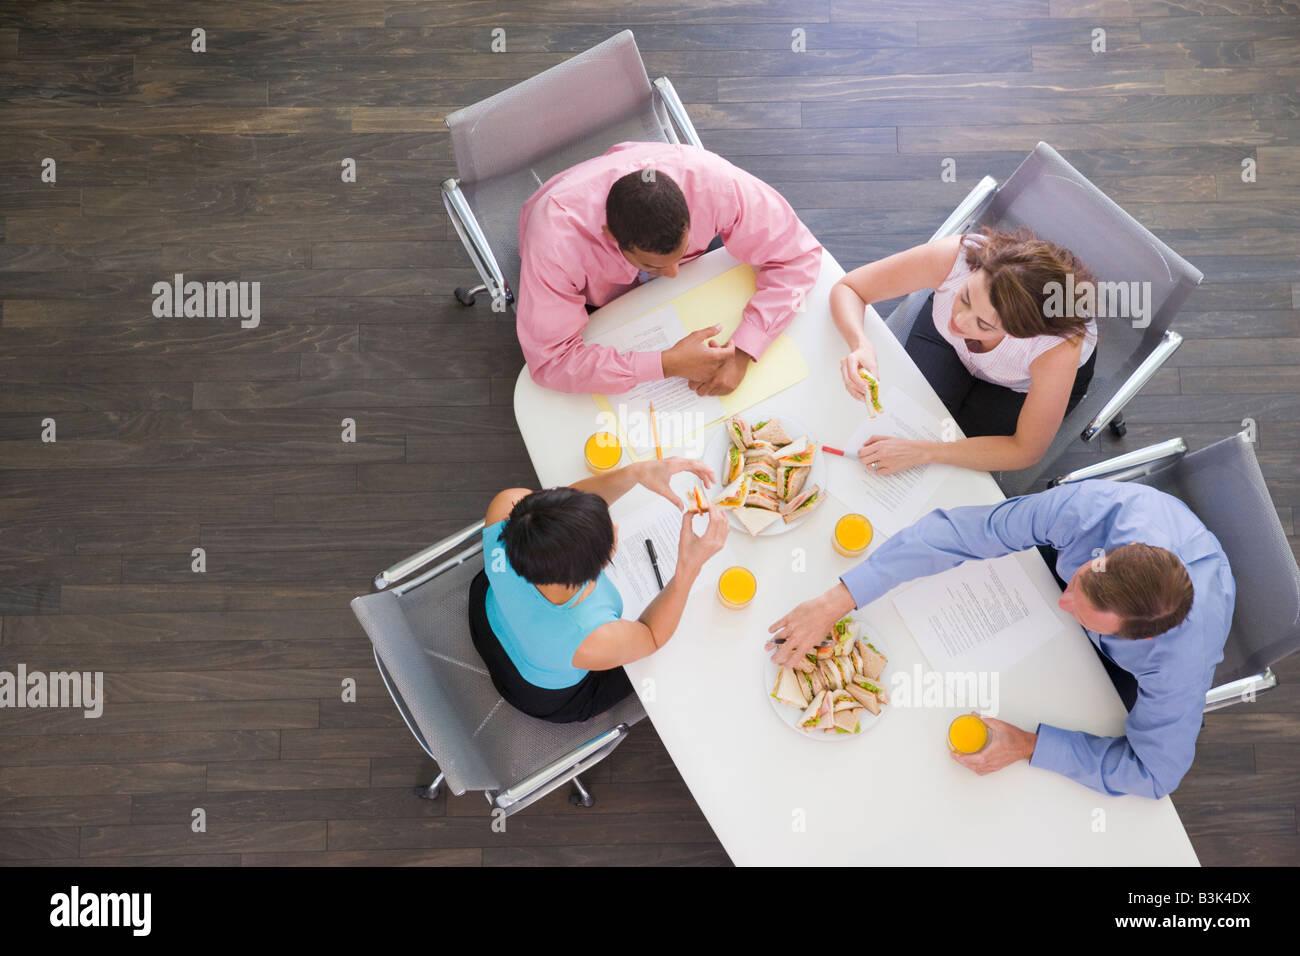 Quattro gli imprenditori al tavolo per riunioni con panini Immagini Stock